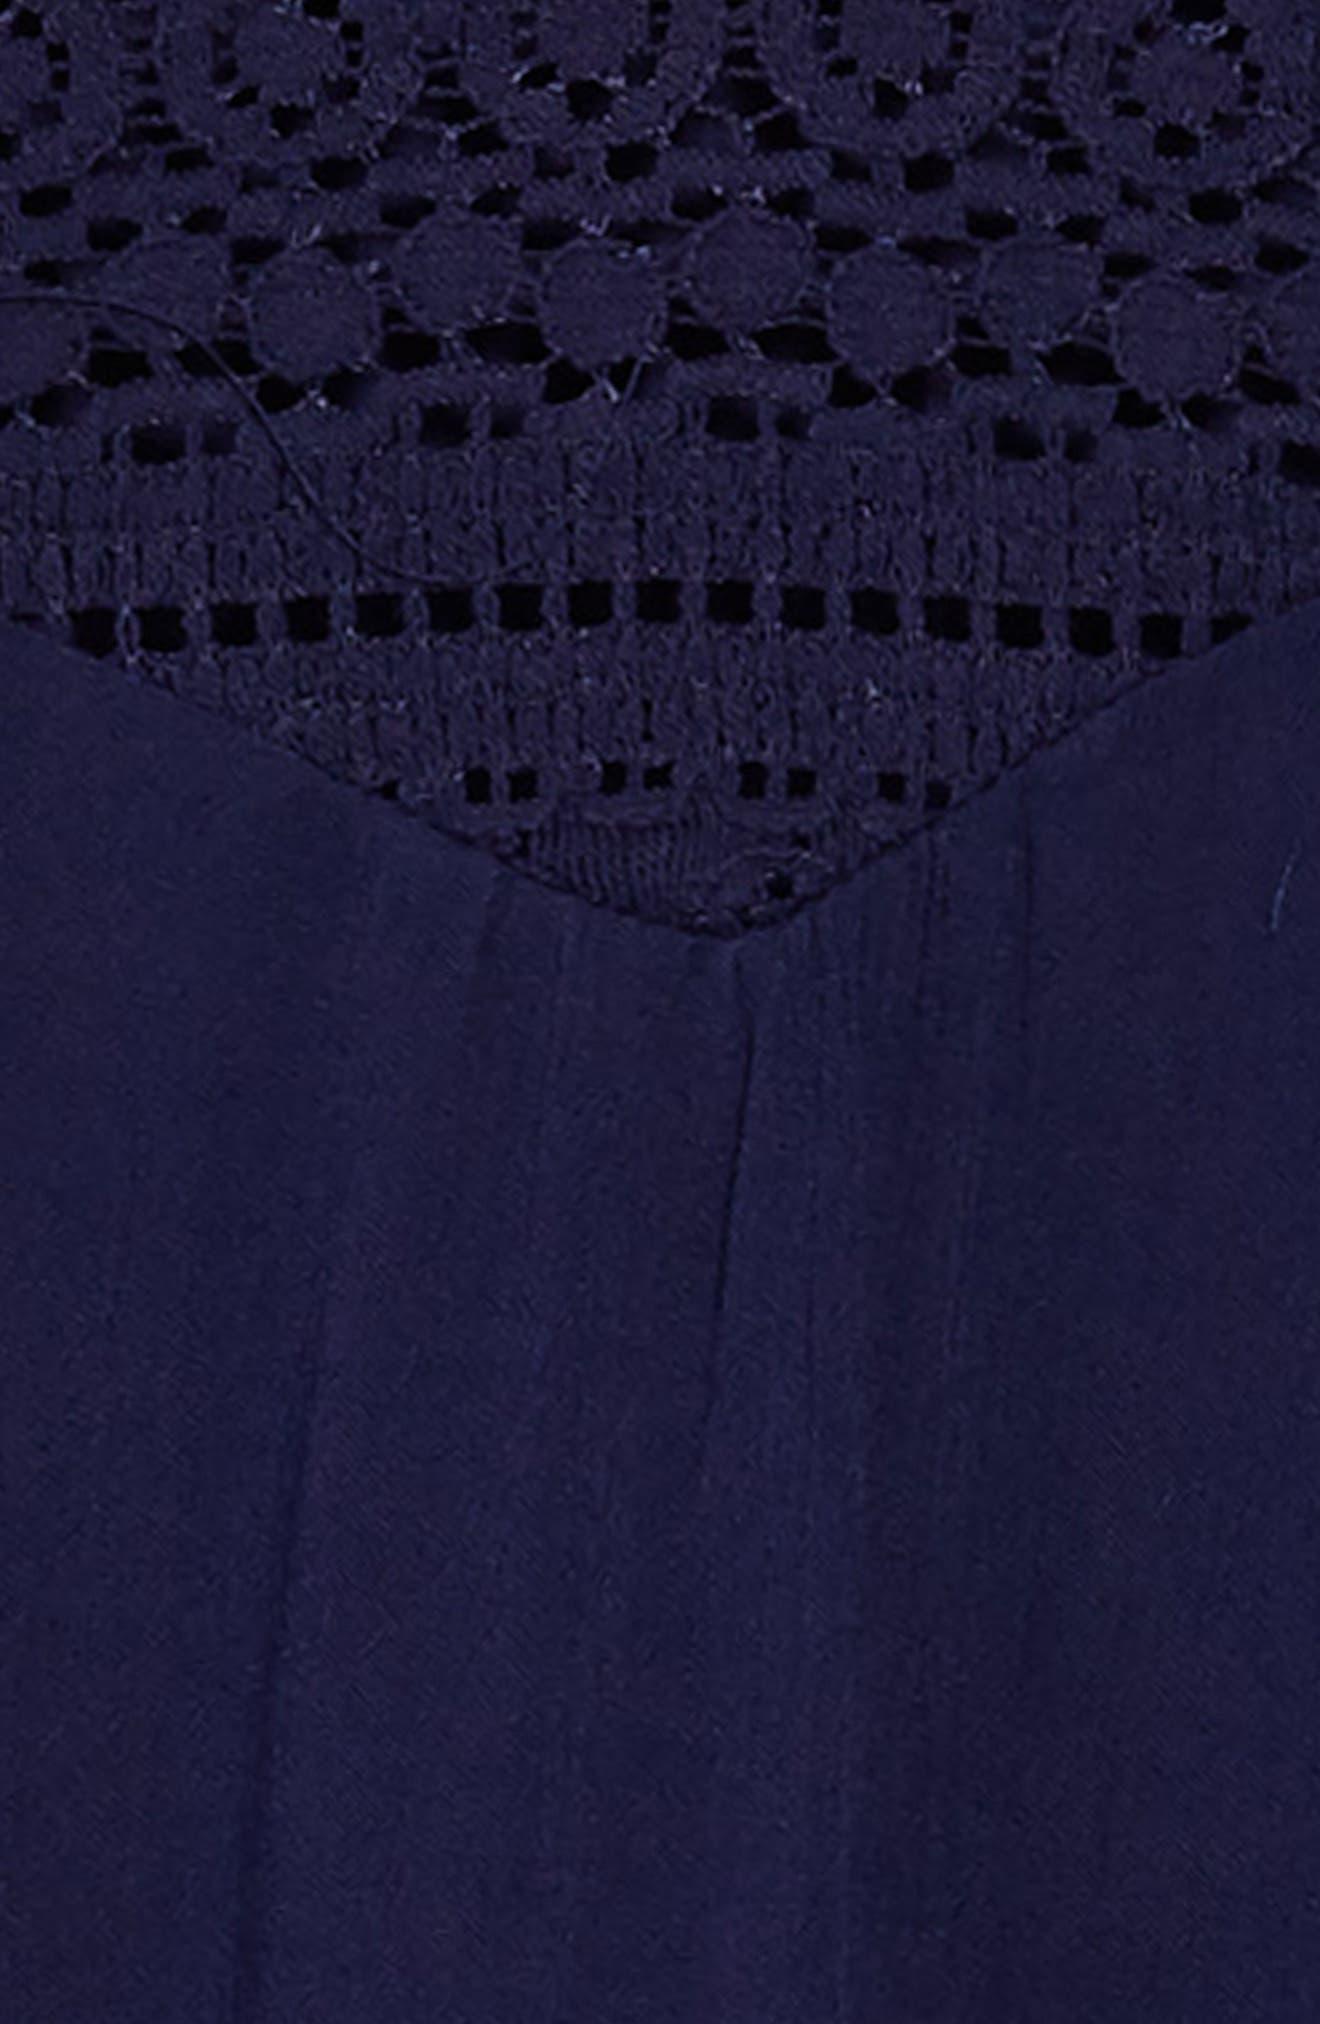 Cold Shoulder Shift Dress,                             Alternate thumbnail 3, color,                             Navy